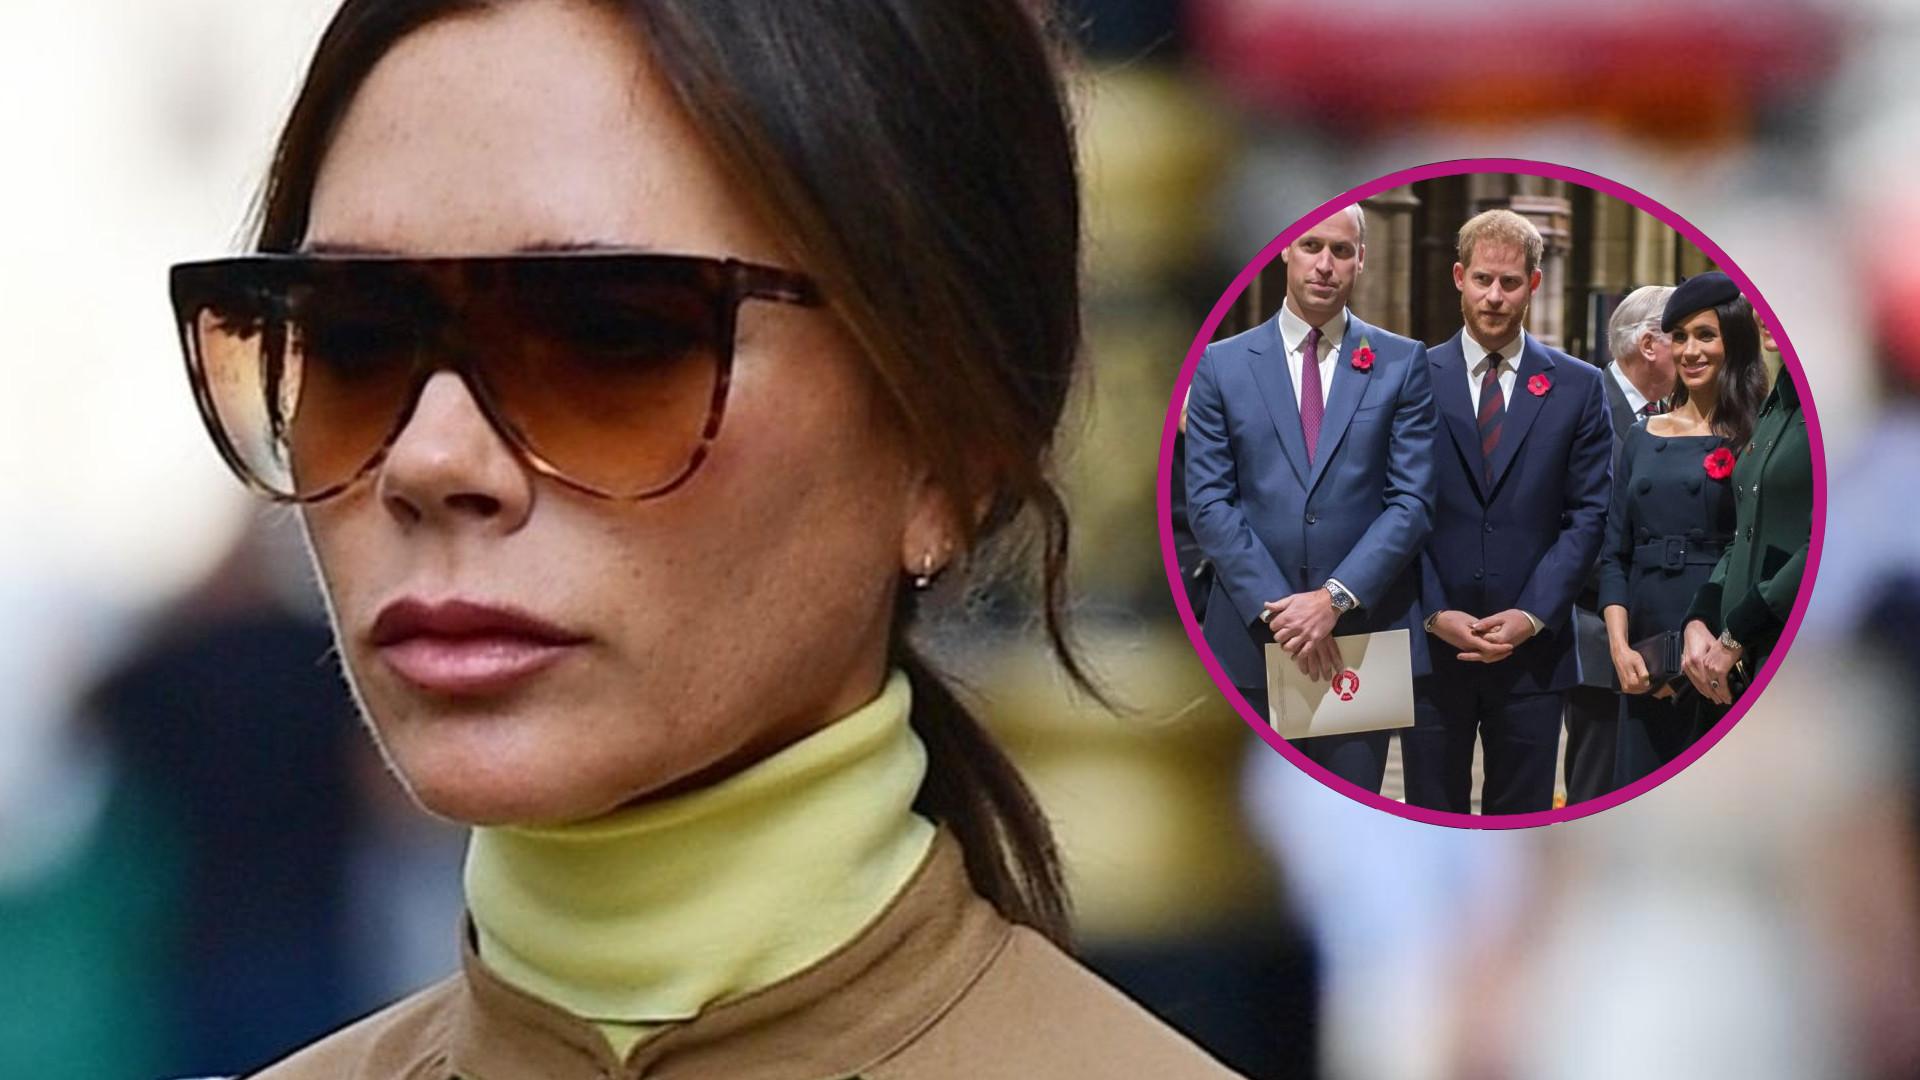 Victoria Beckham wymyśliła, jak uratować monarchię. Ma to związek ze ślubem jej syna